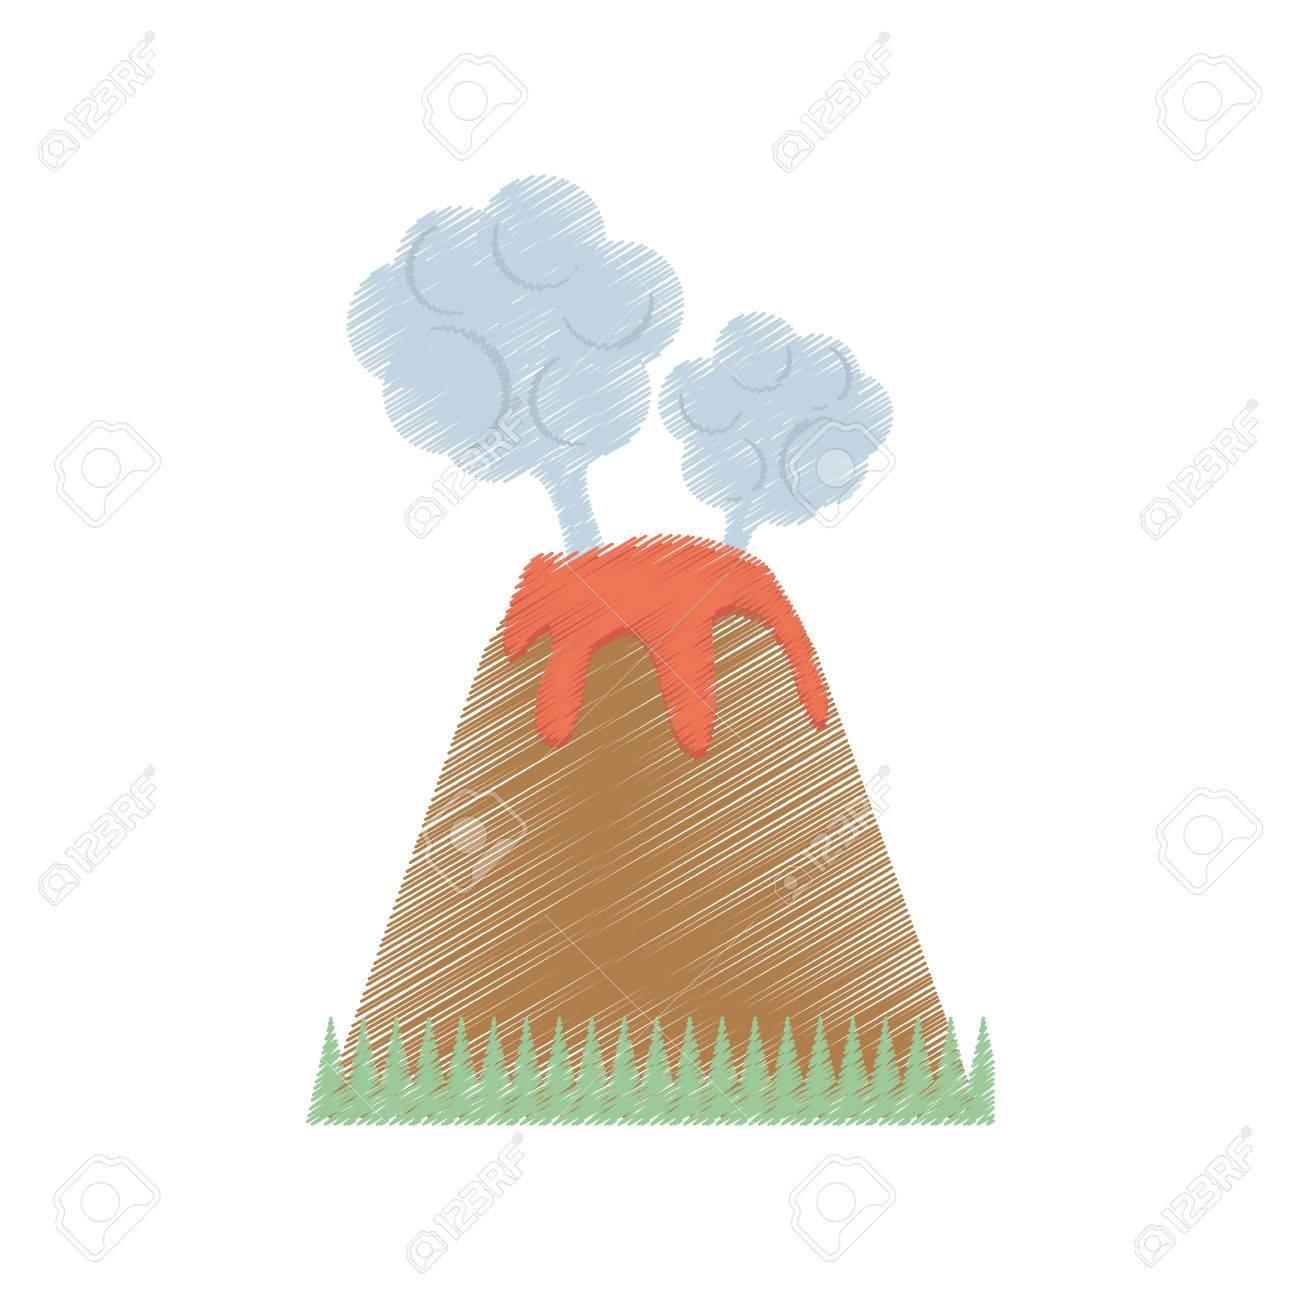 Dibujo Volcán Erupción Lava Montaña Nube Ilustración Vectorial Eps